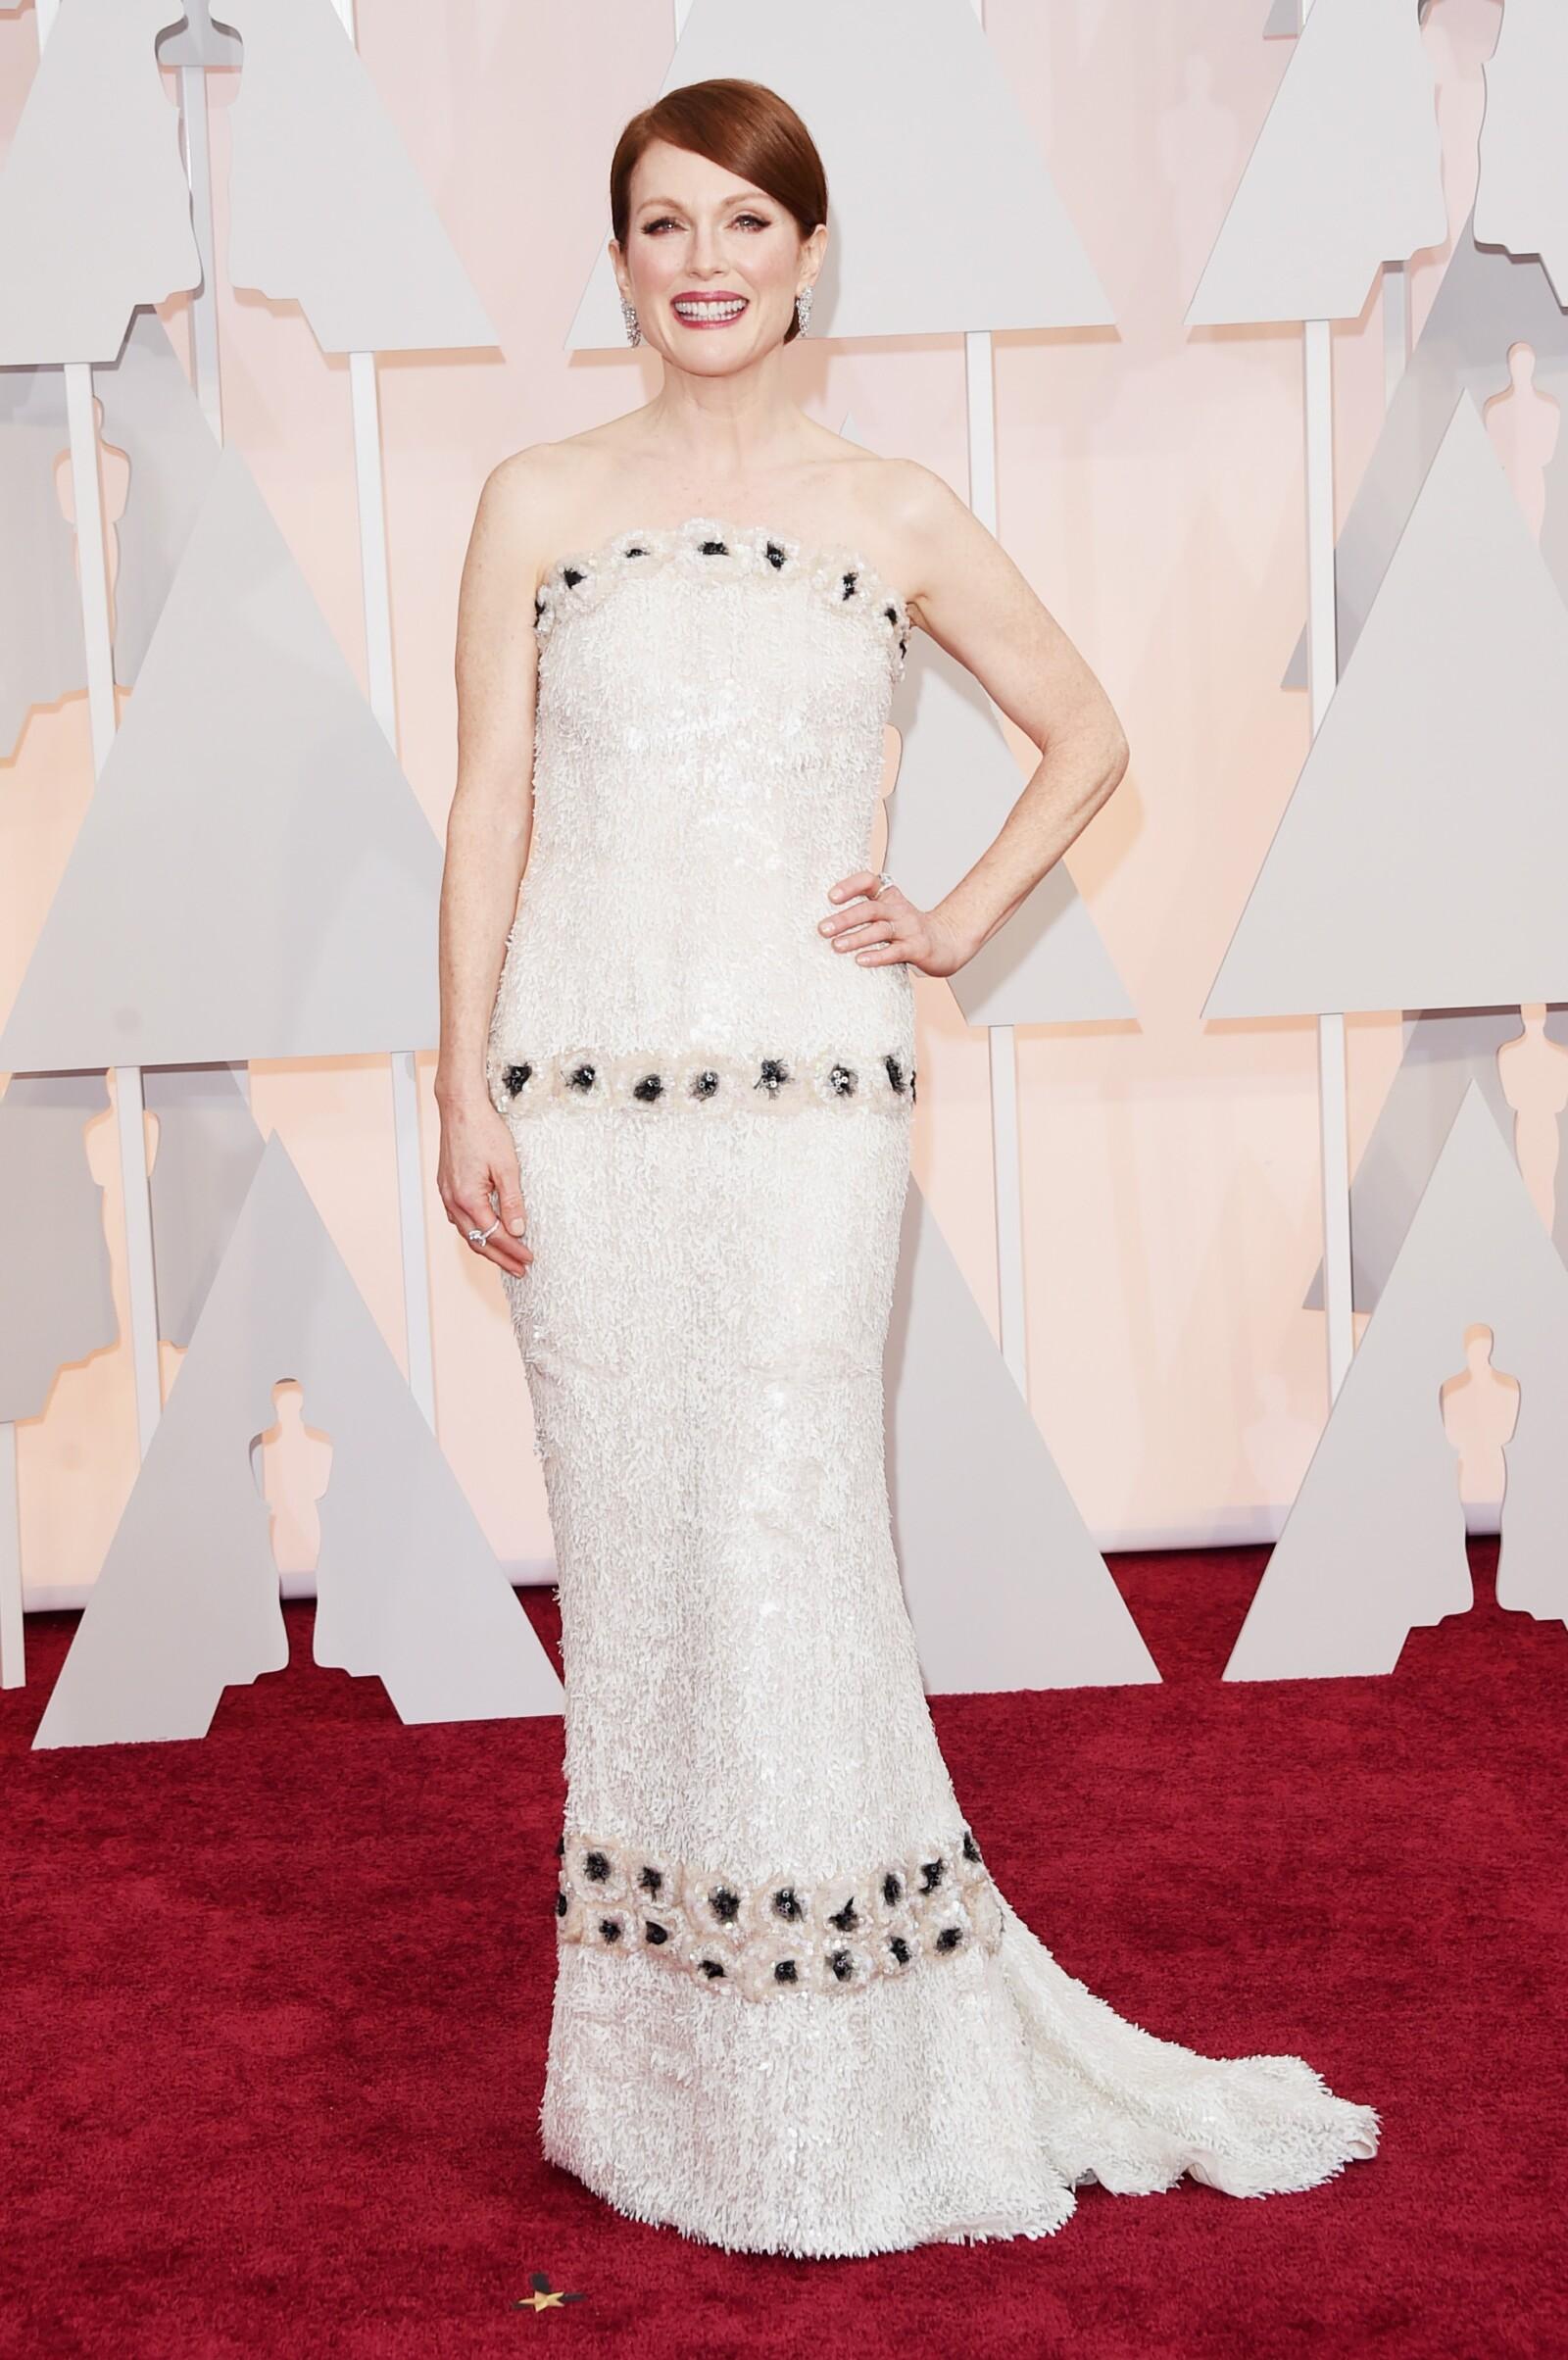 Jullian Moore eligió un look Chanel cuando ganara el Óscar a mejor actriz.